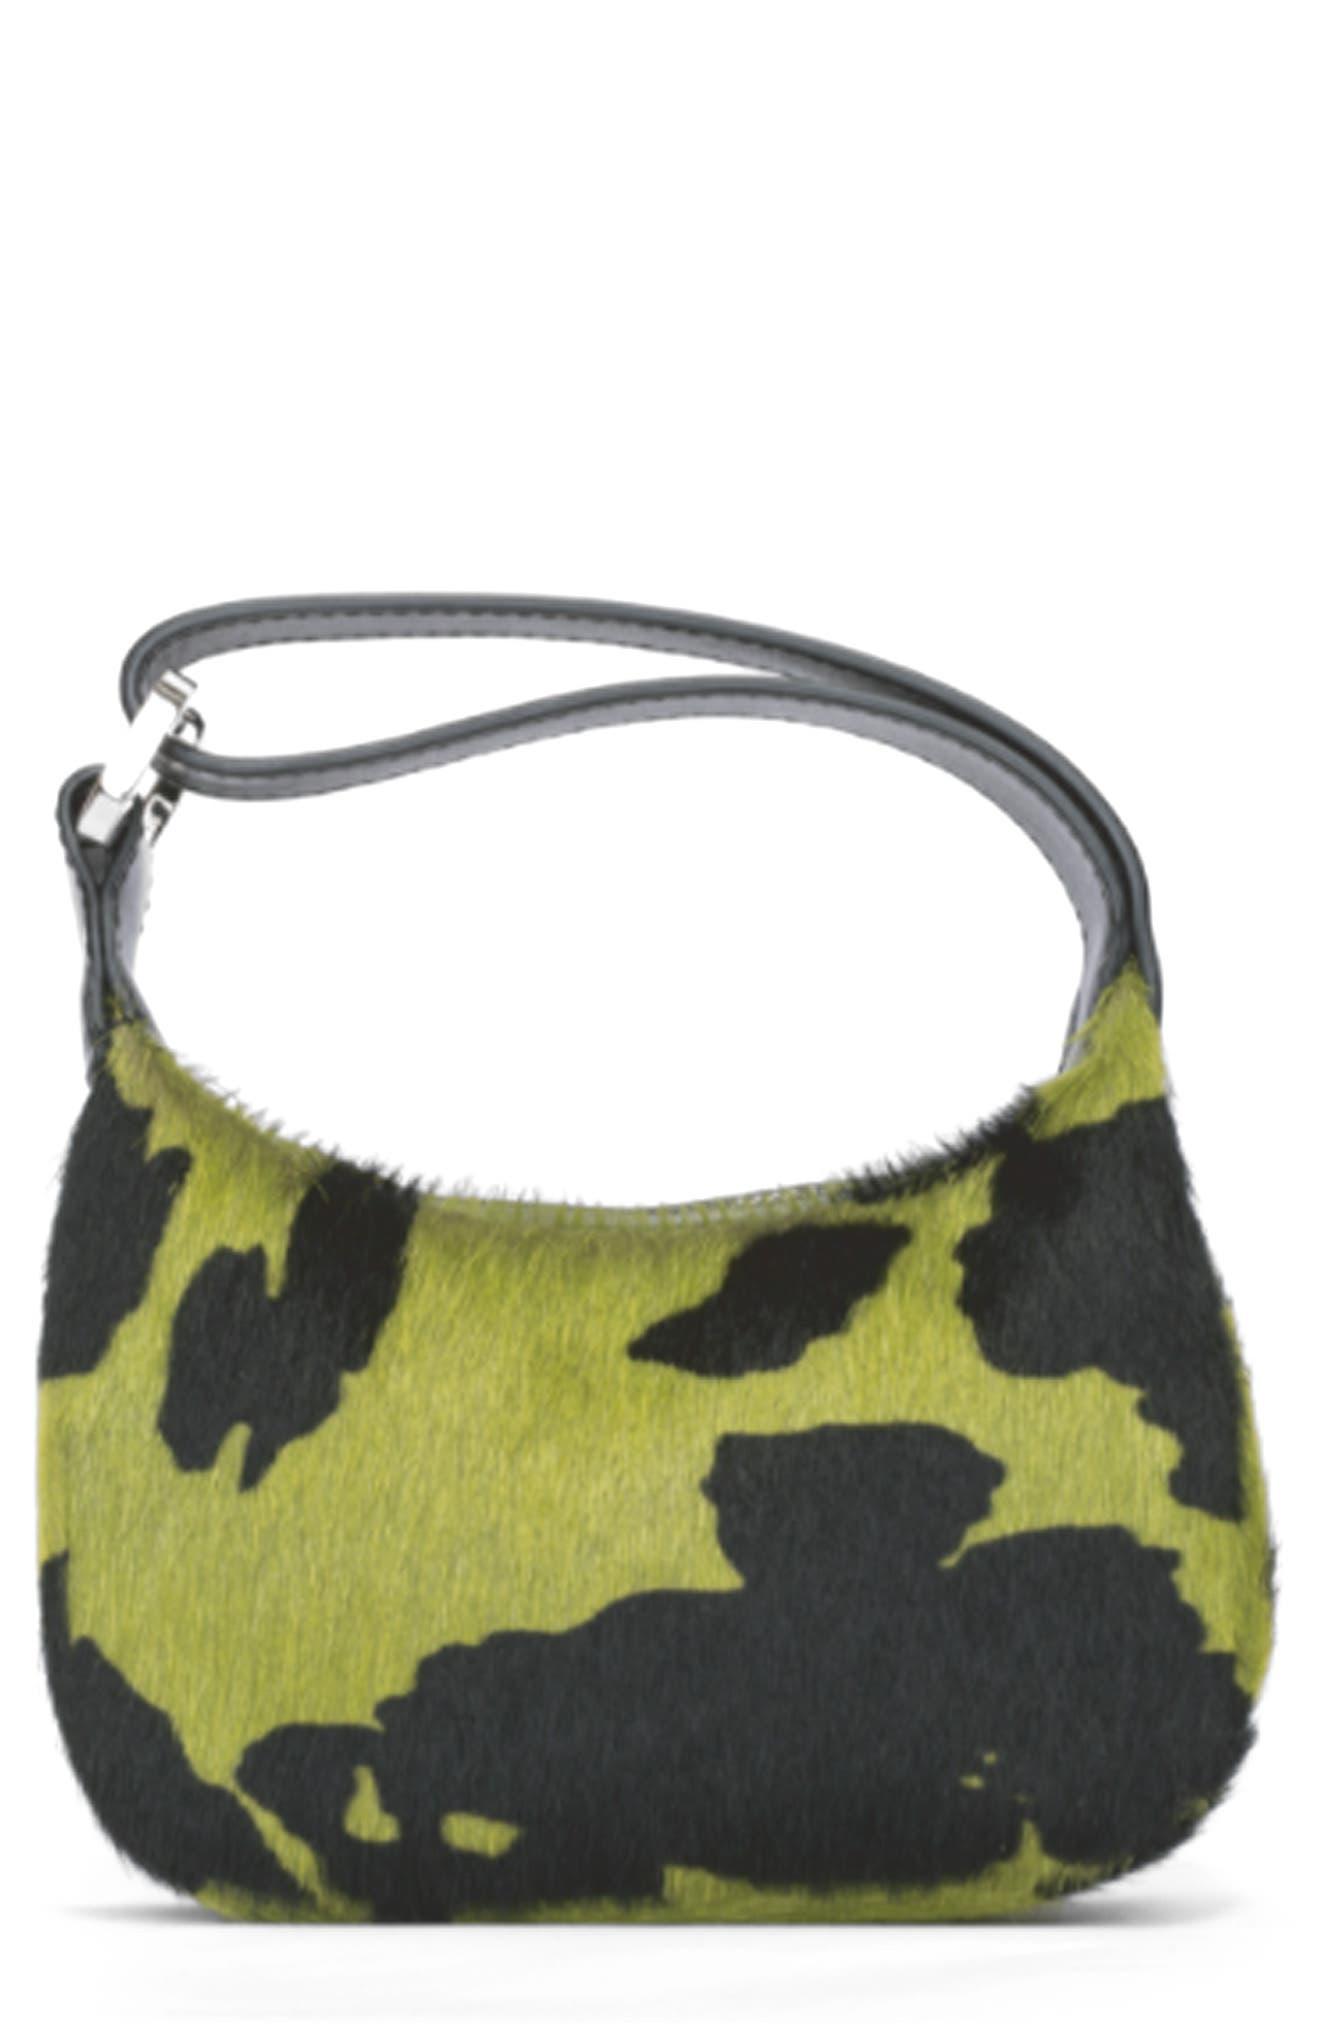 Eera Mini Moonbag Genuine Calf Hair Top Handle Bag